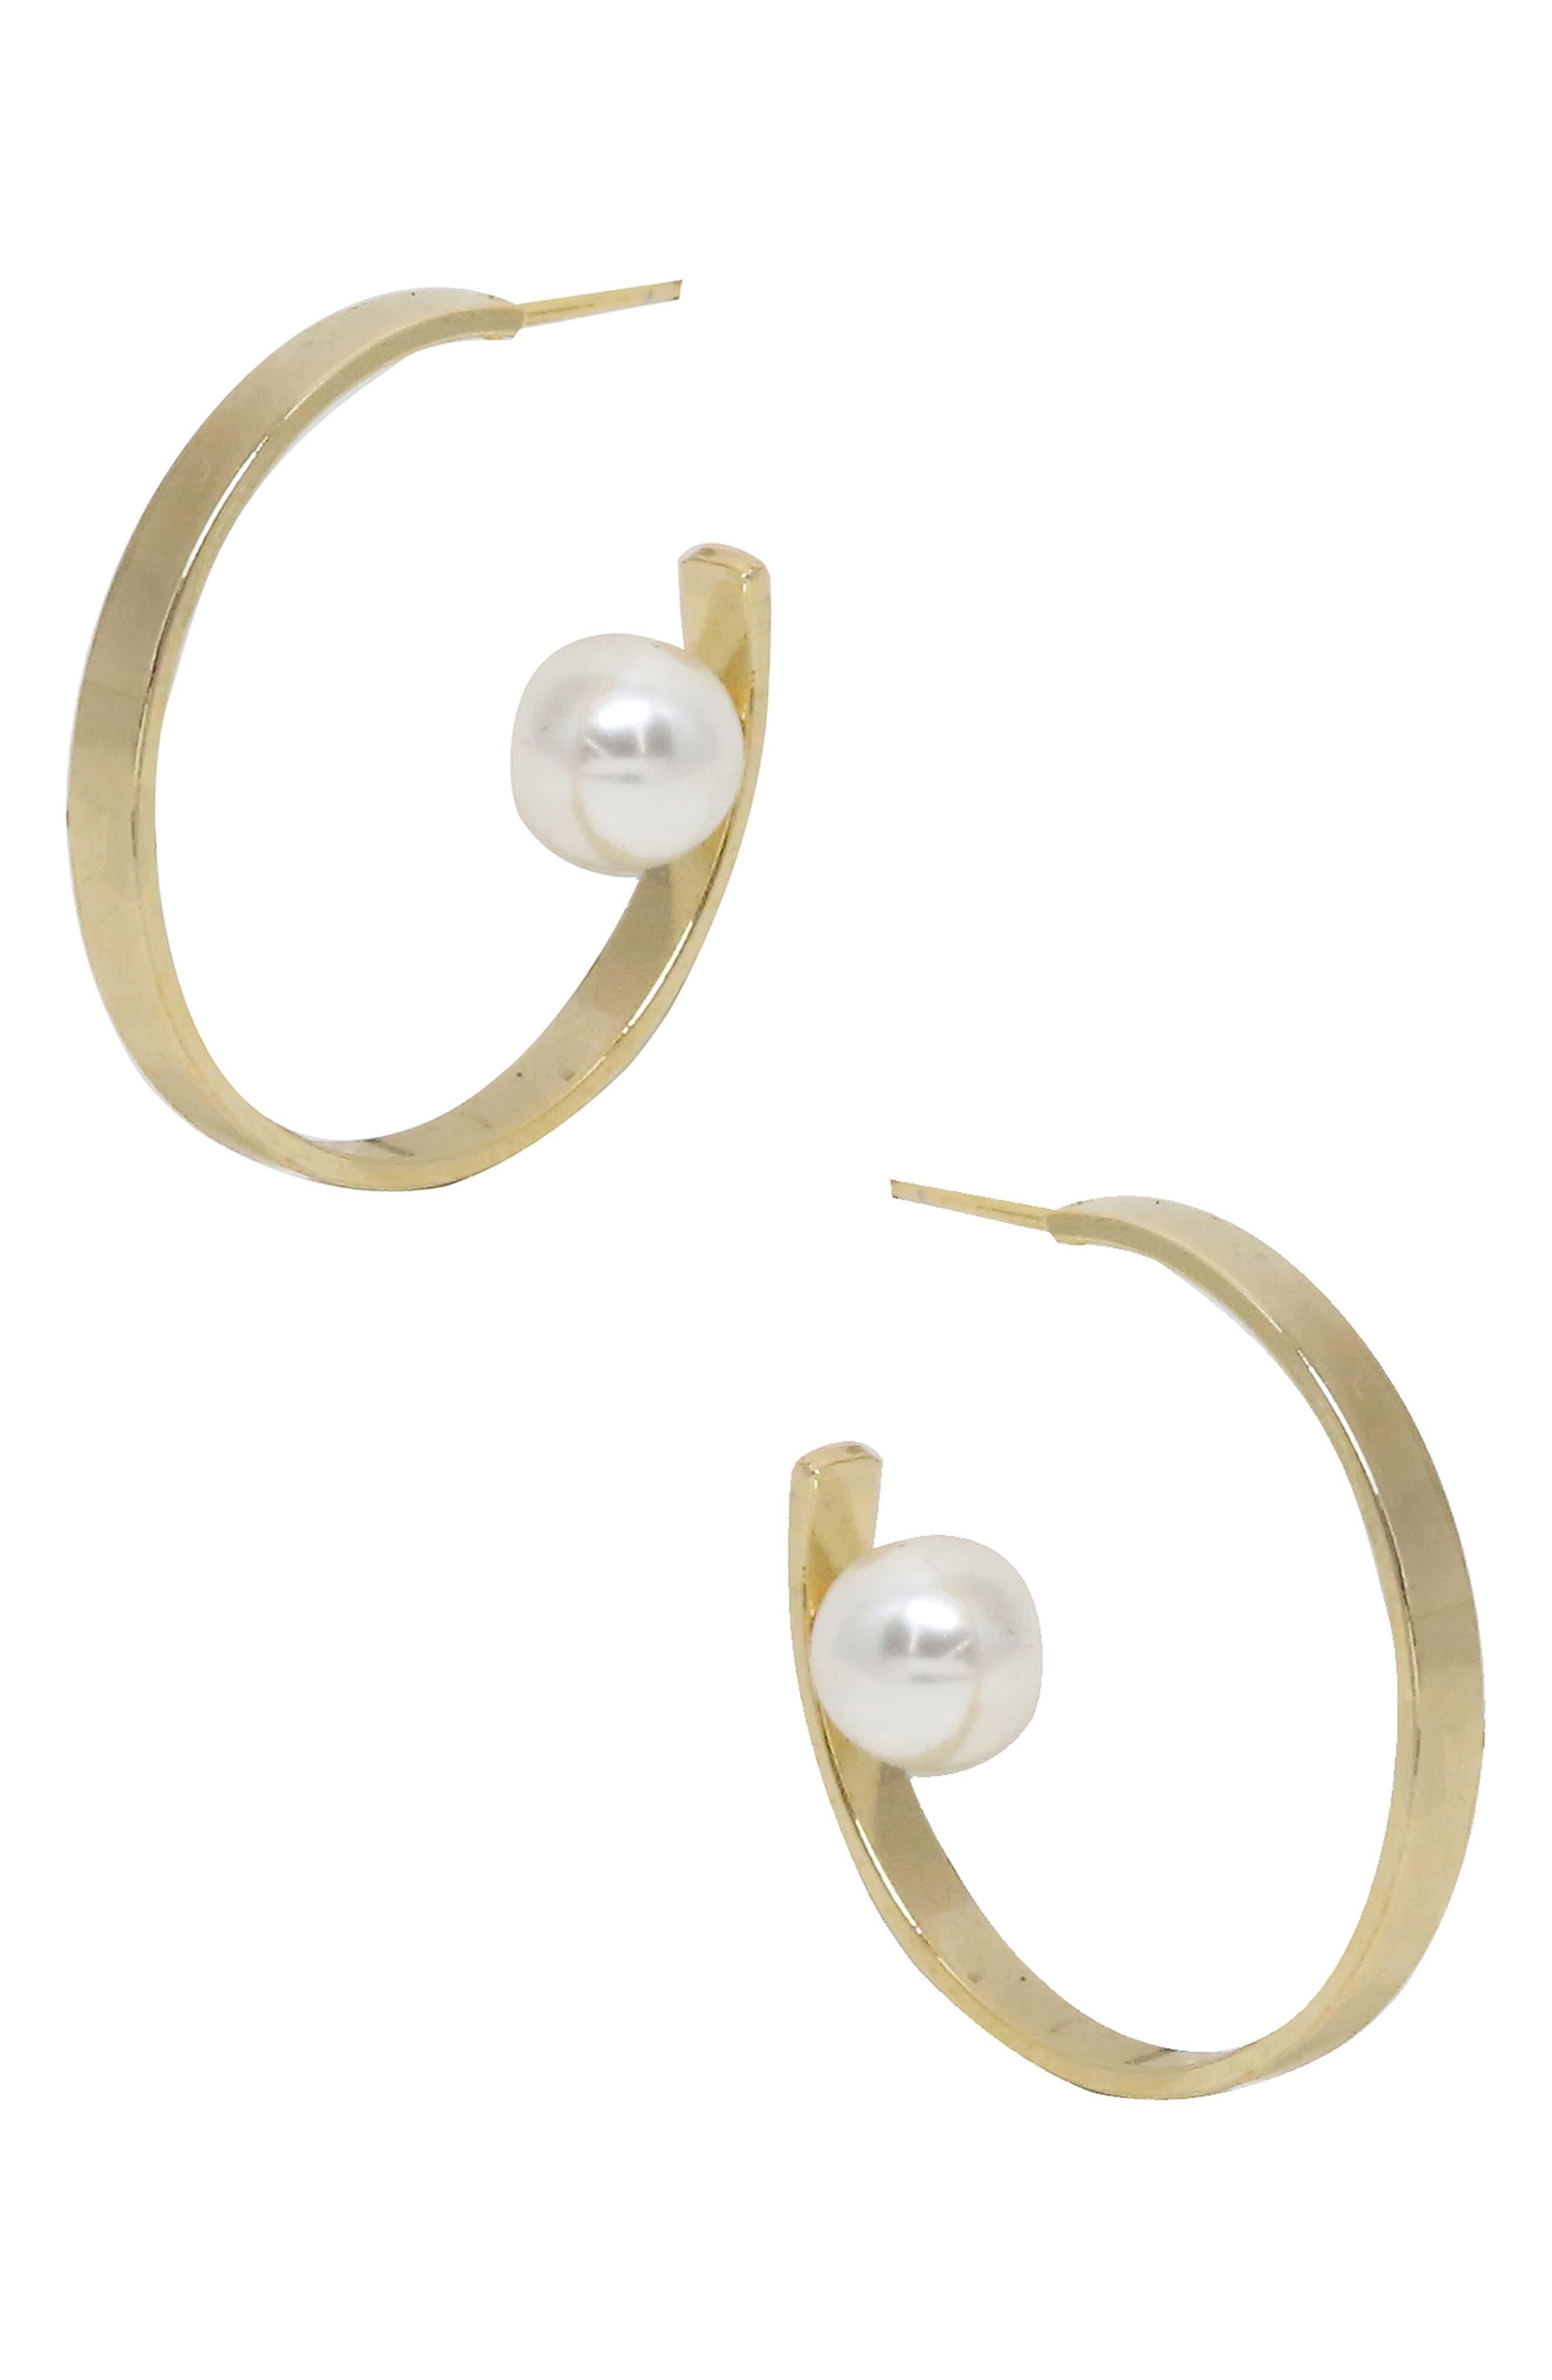 ETTIKA Imitation Pearl Hoop Earrings in Gold